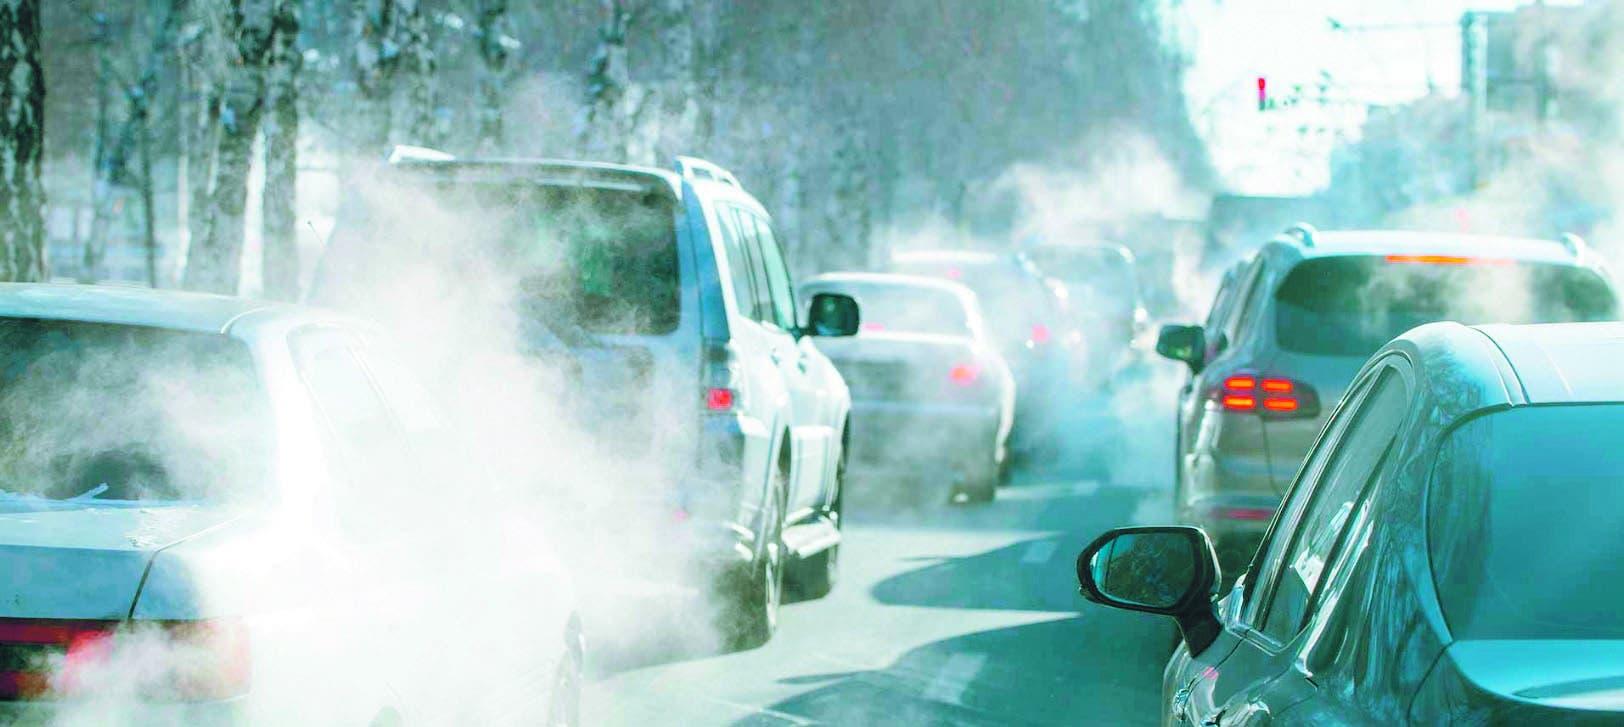 Reducir las emisiones de carbono es garantizar mejor vida en el planeta